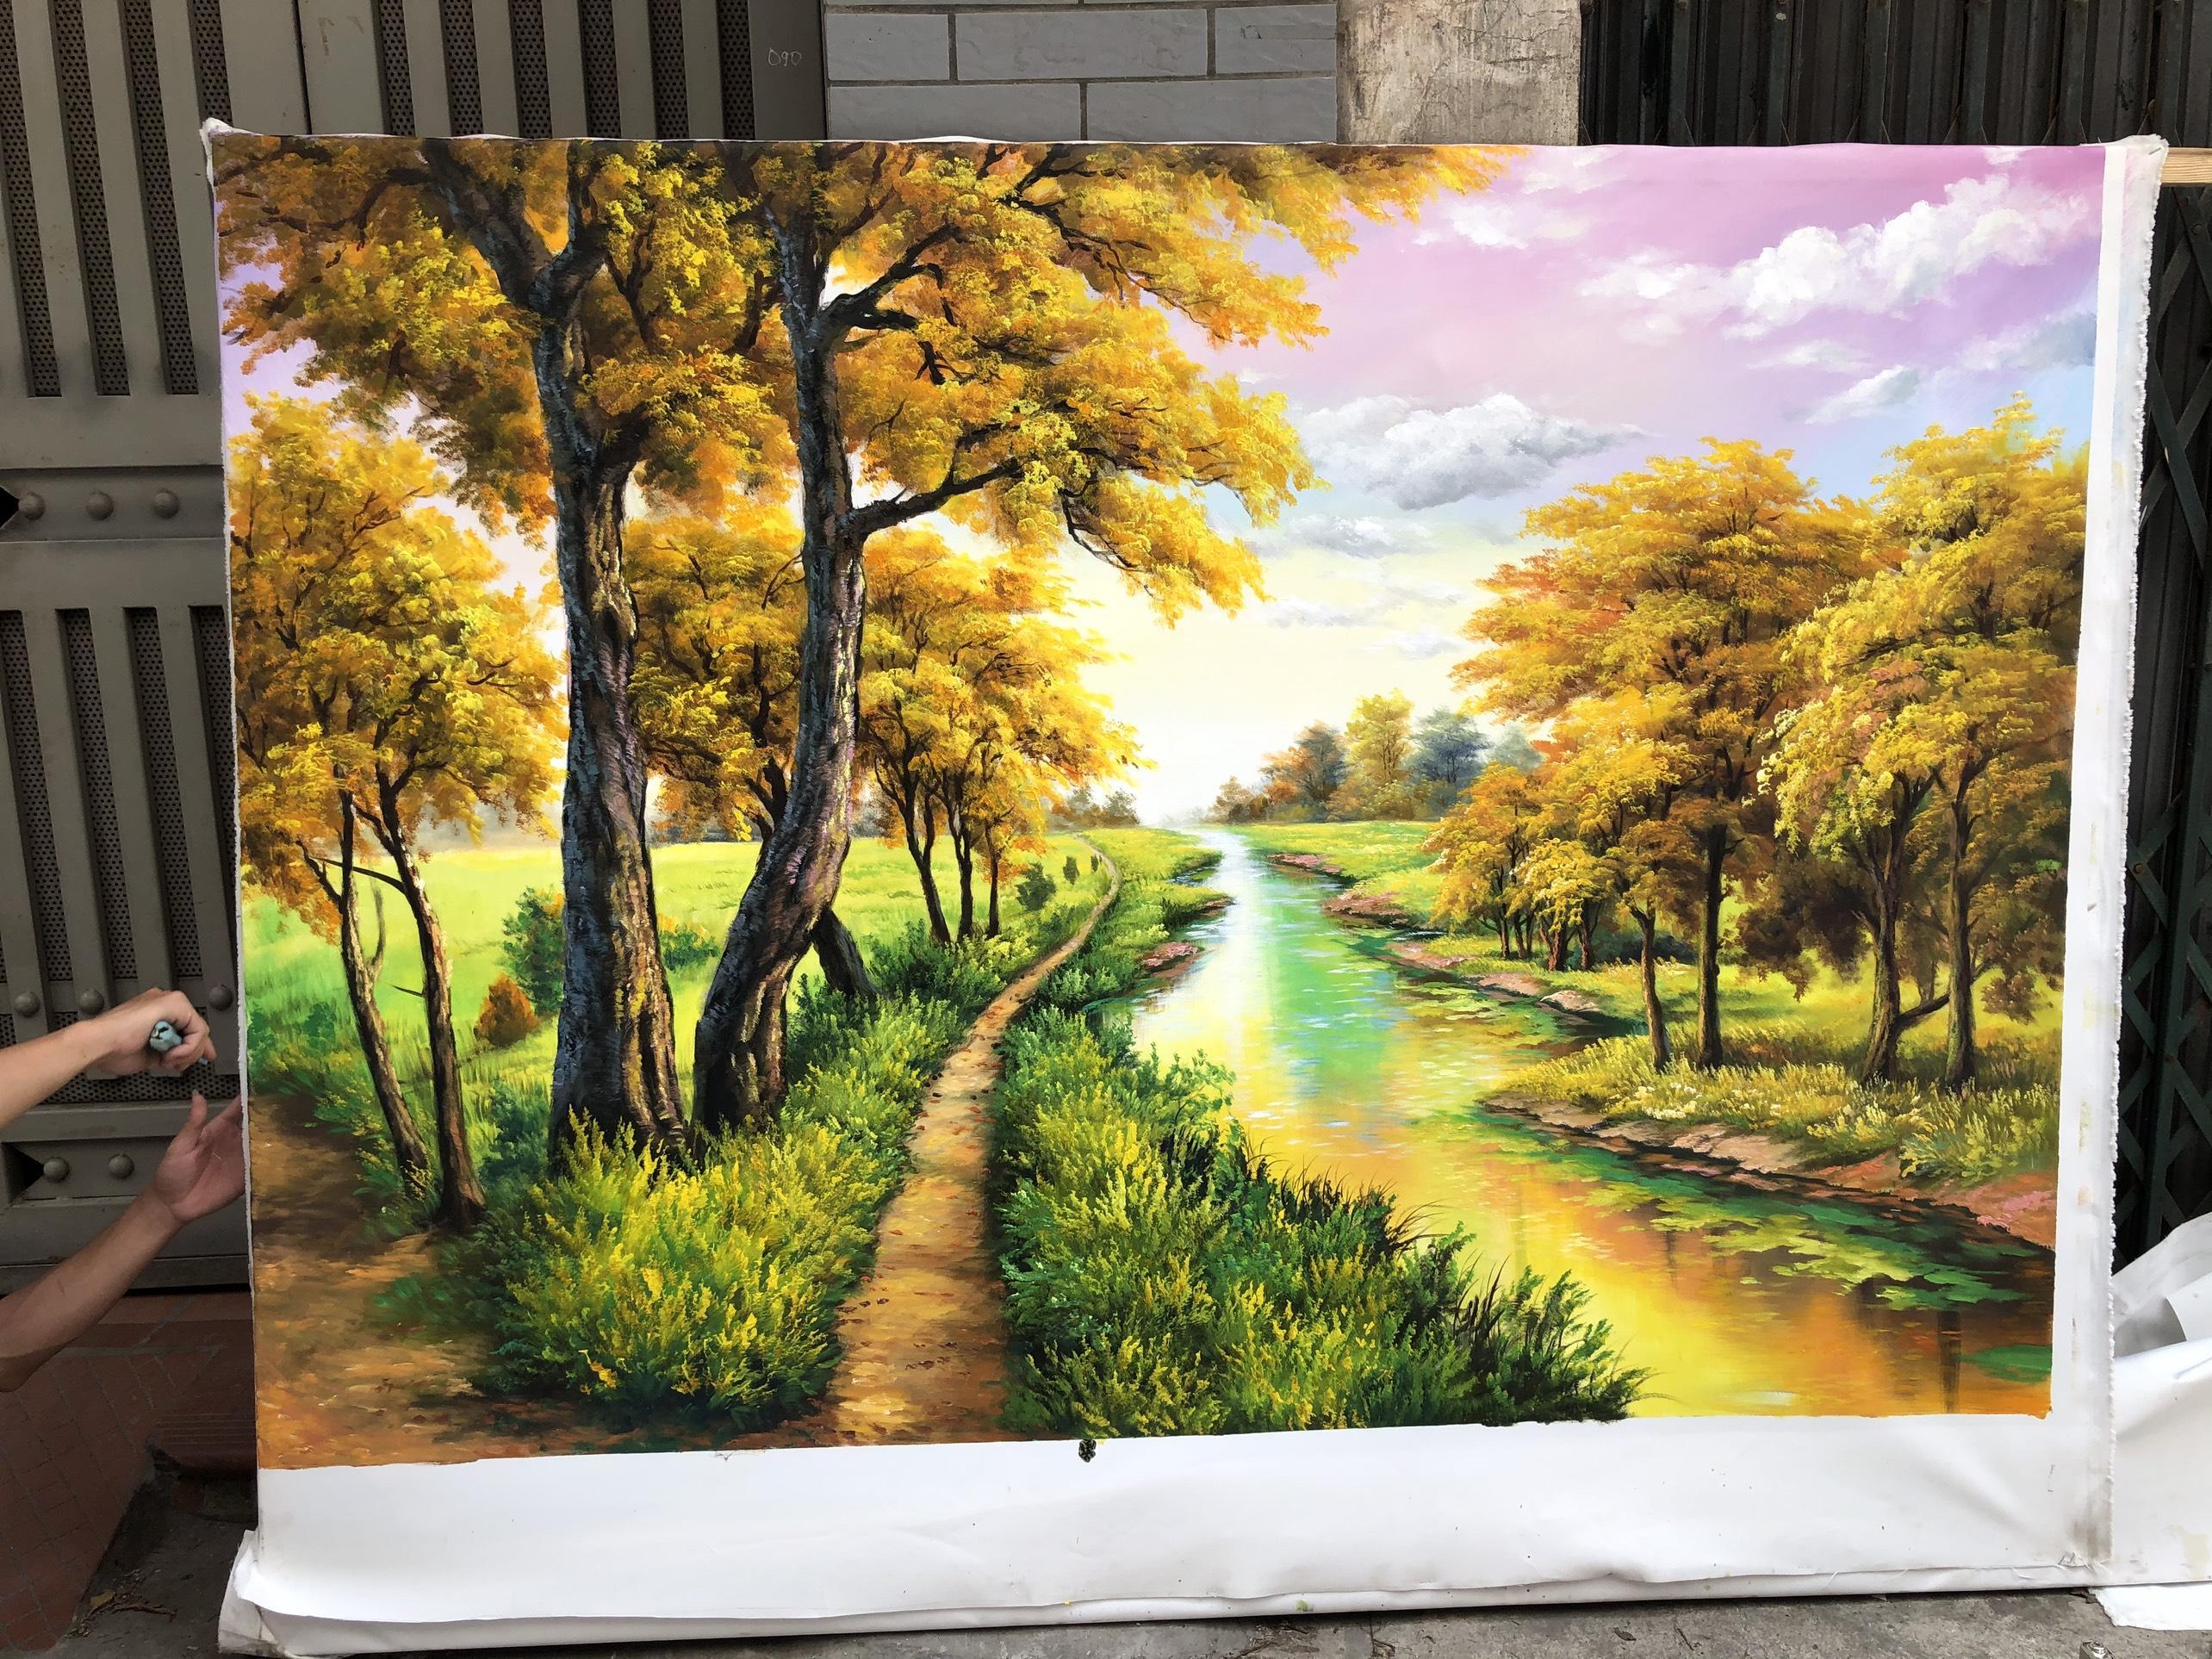 Tranh Phong Cảnh Rừng Suối